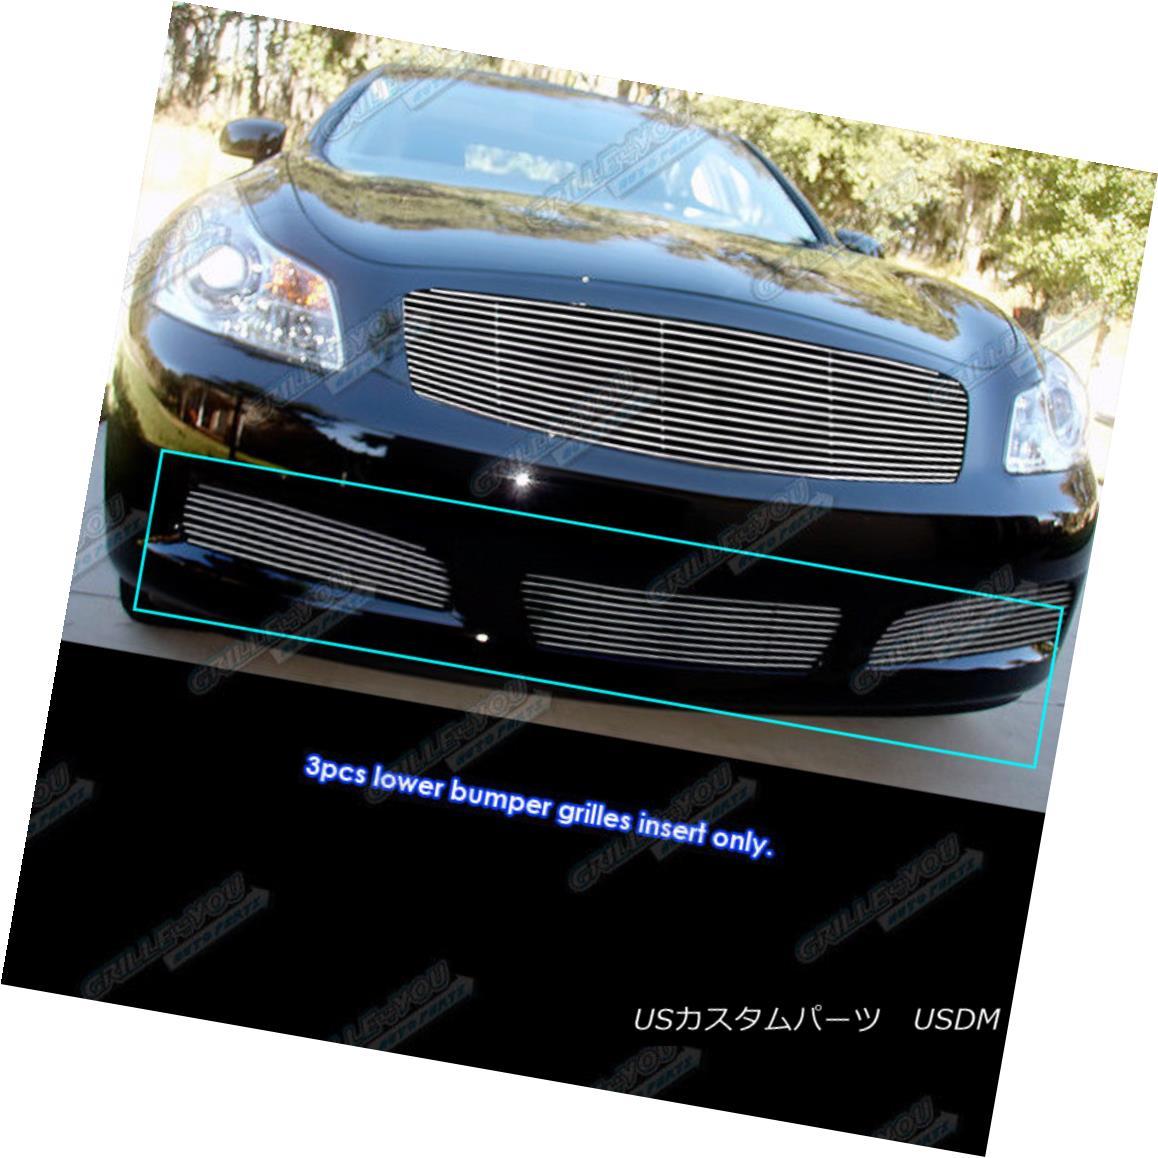 グリル Fits 07-08 Infiniti G35 Sedan Lower Bumper Billet Grille Insert フィット07-08インフィニティG35セダンロワーバンパービレットグリルインサート